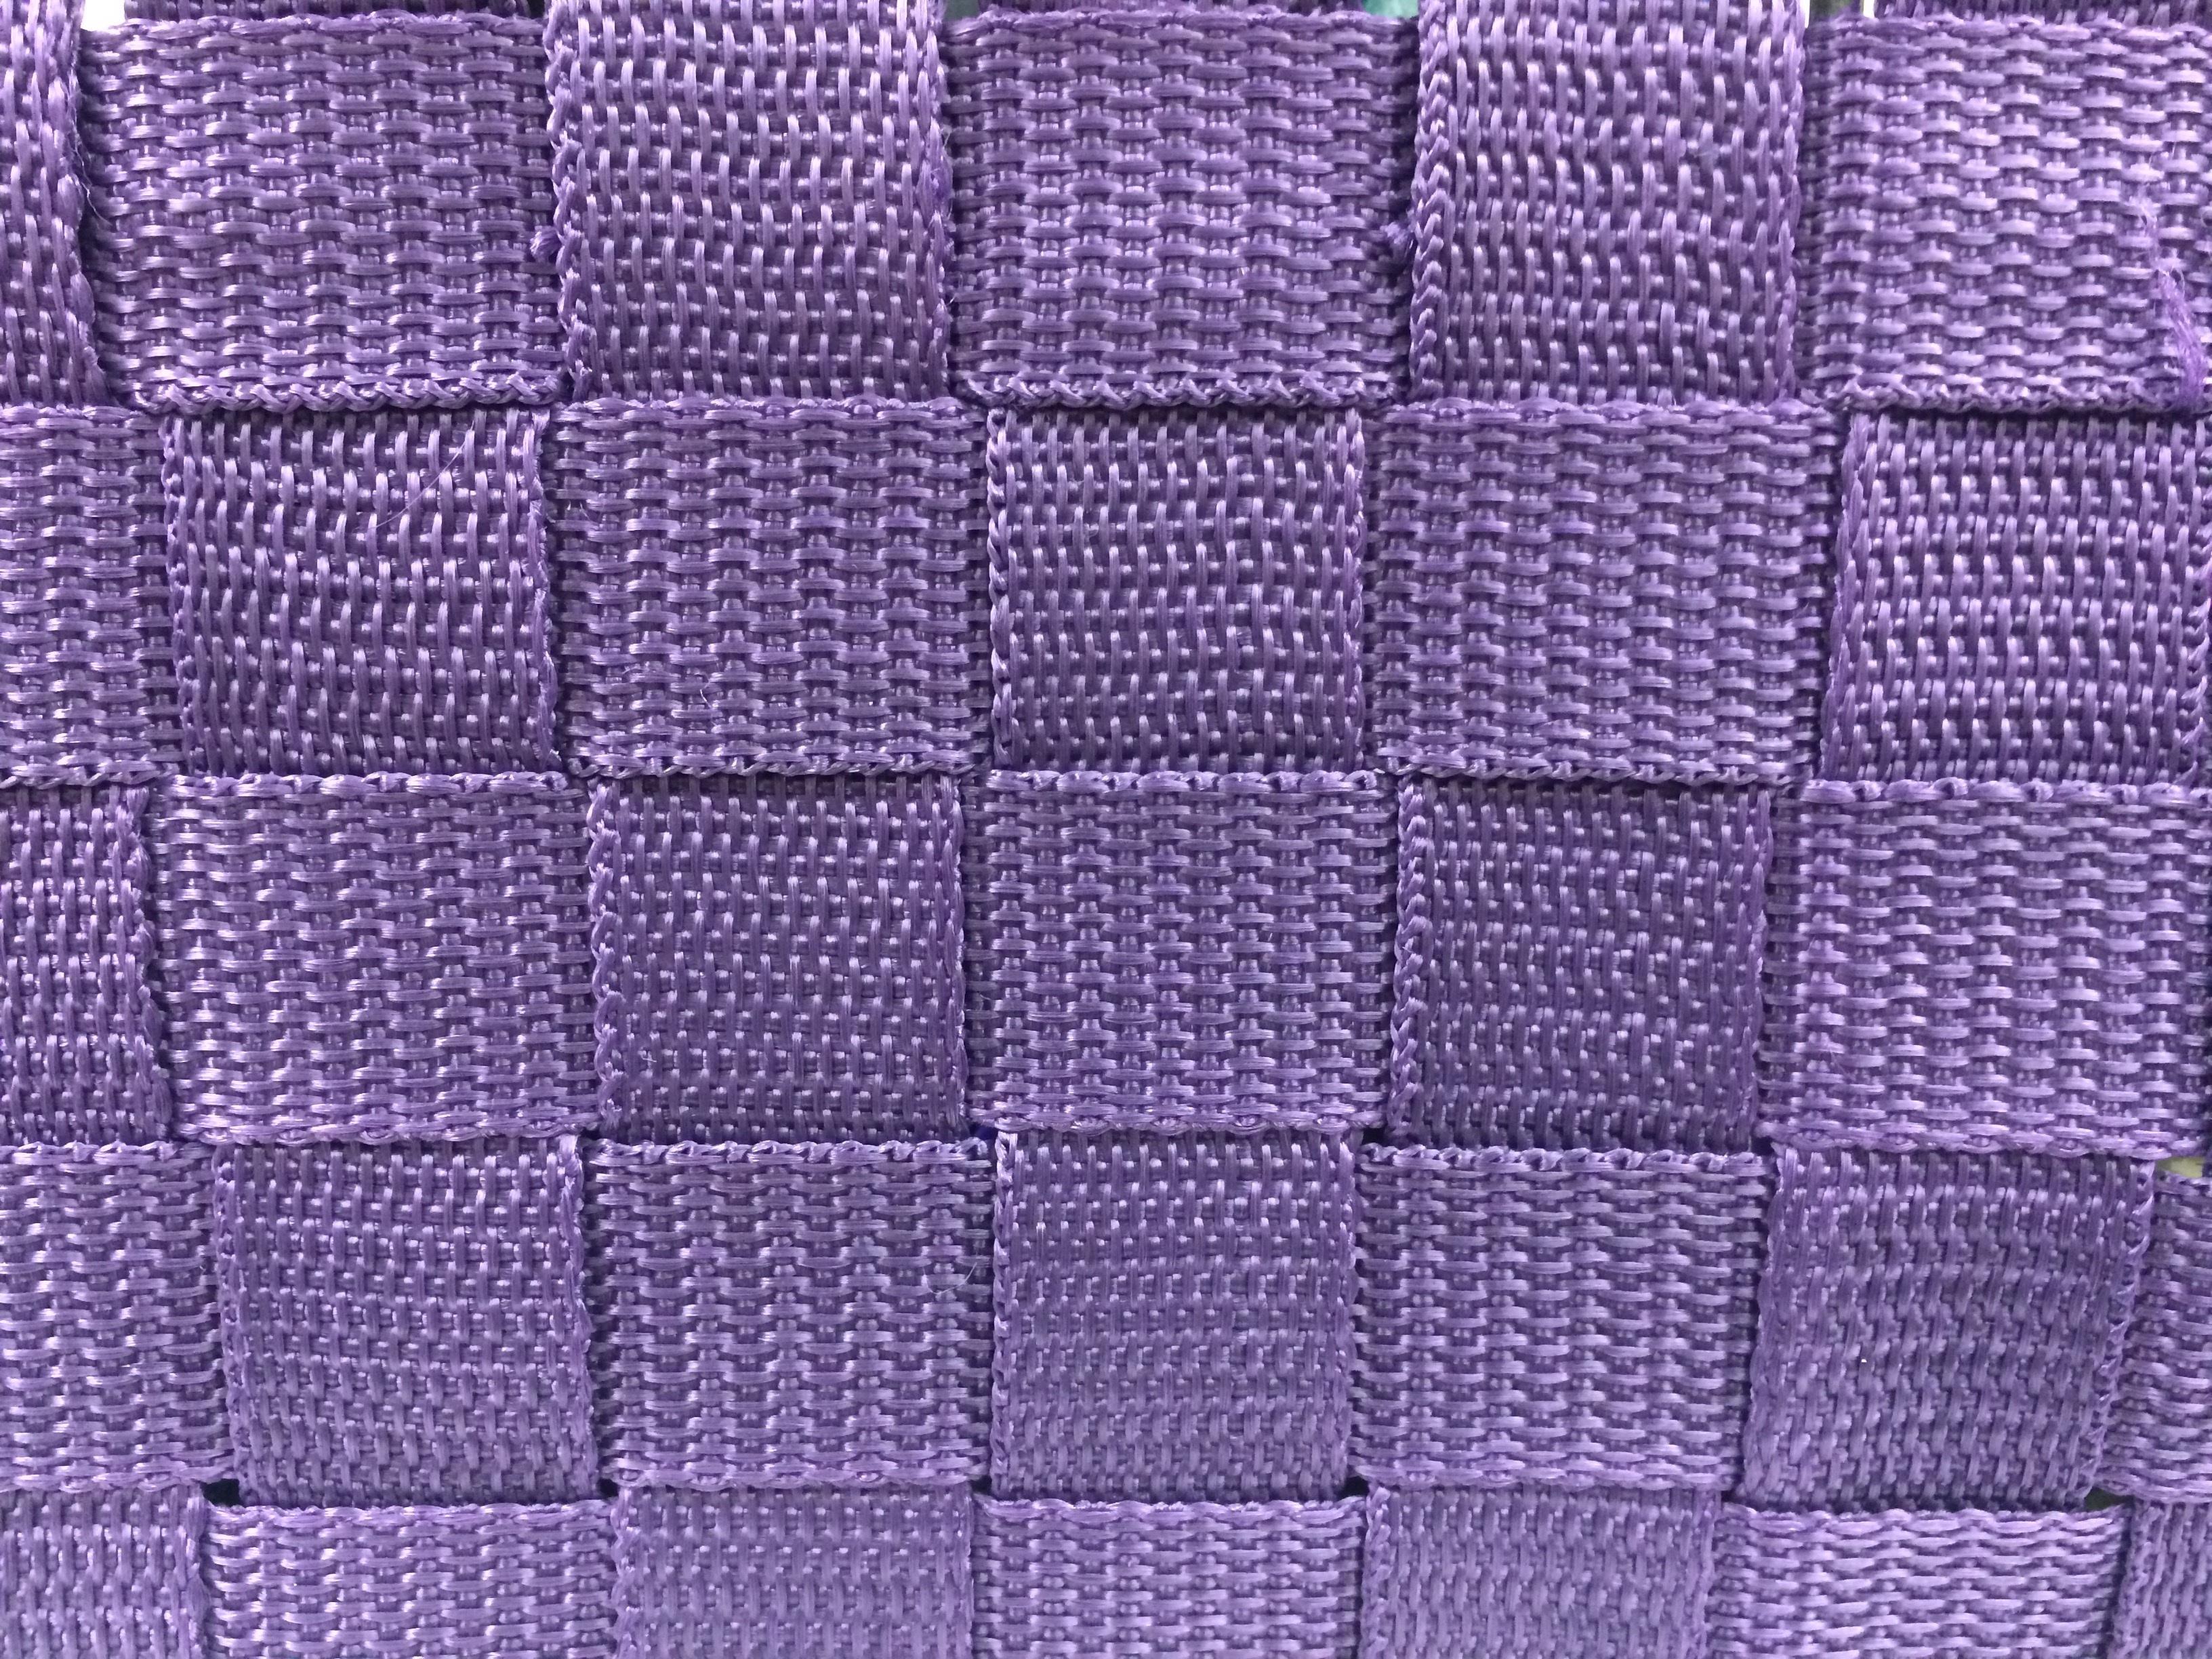 Fotos gratis : púrpura, patrón, línea, cesta, material, circulo ...